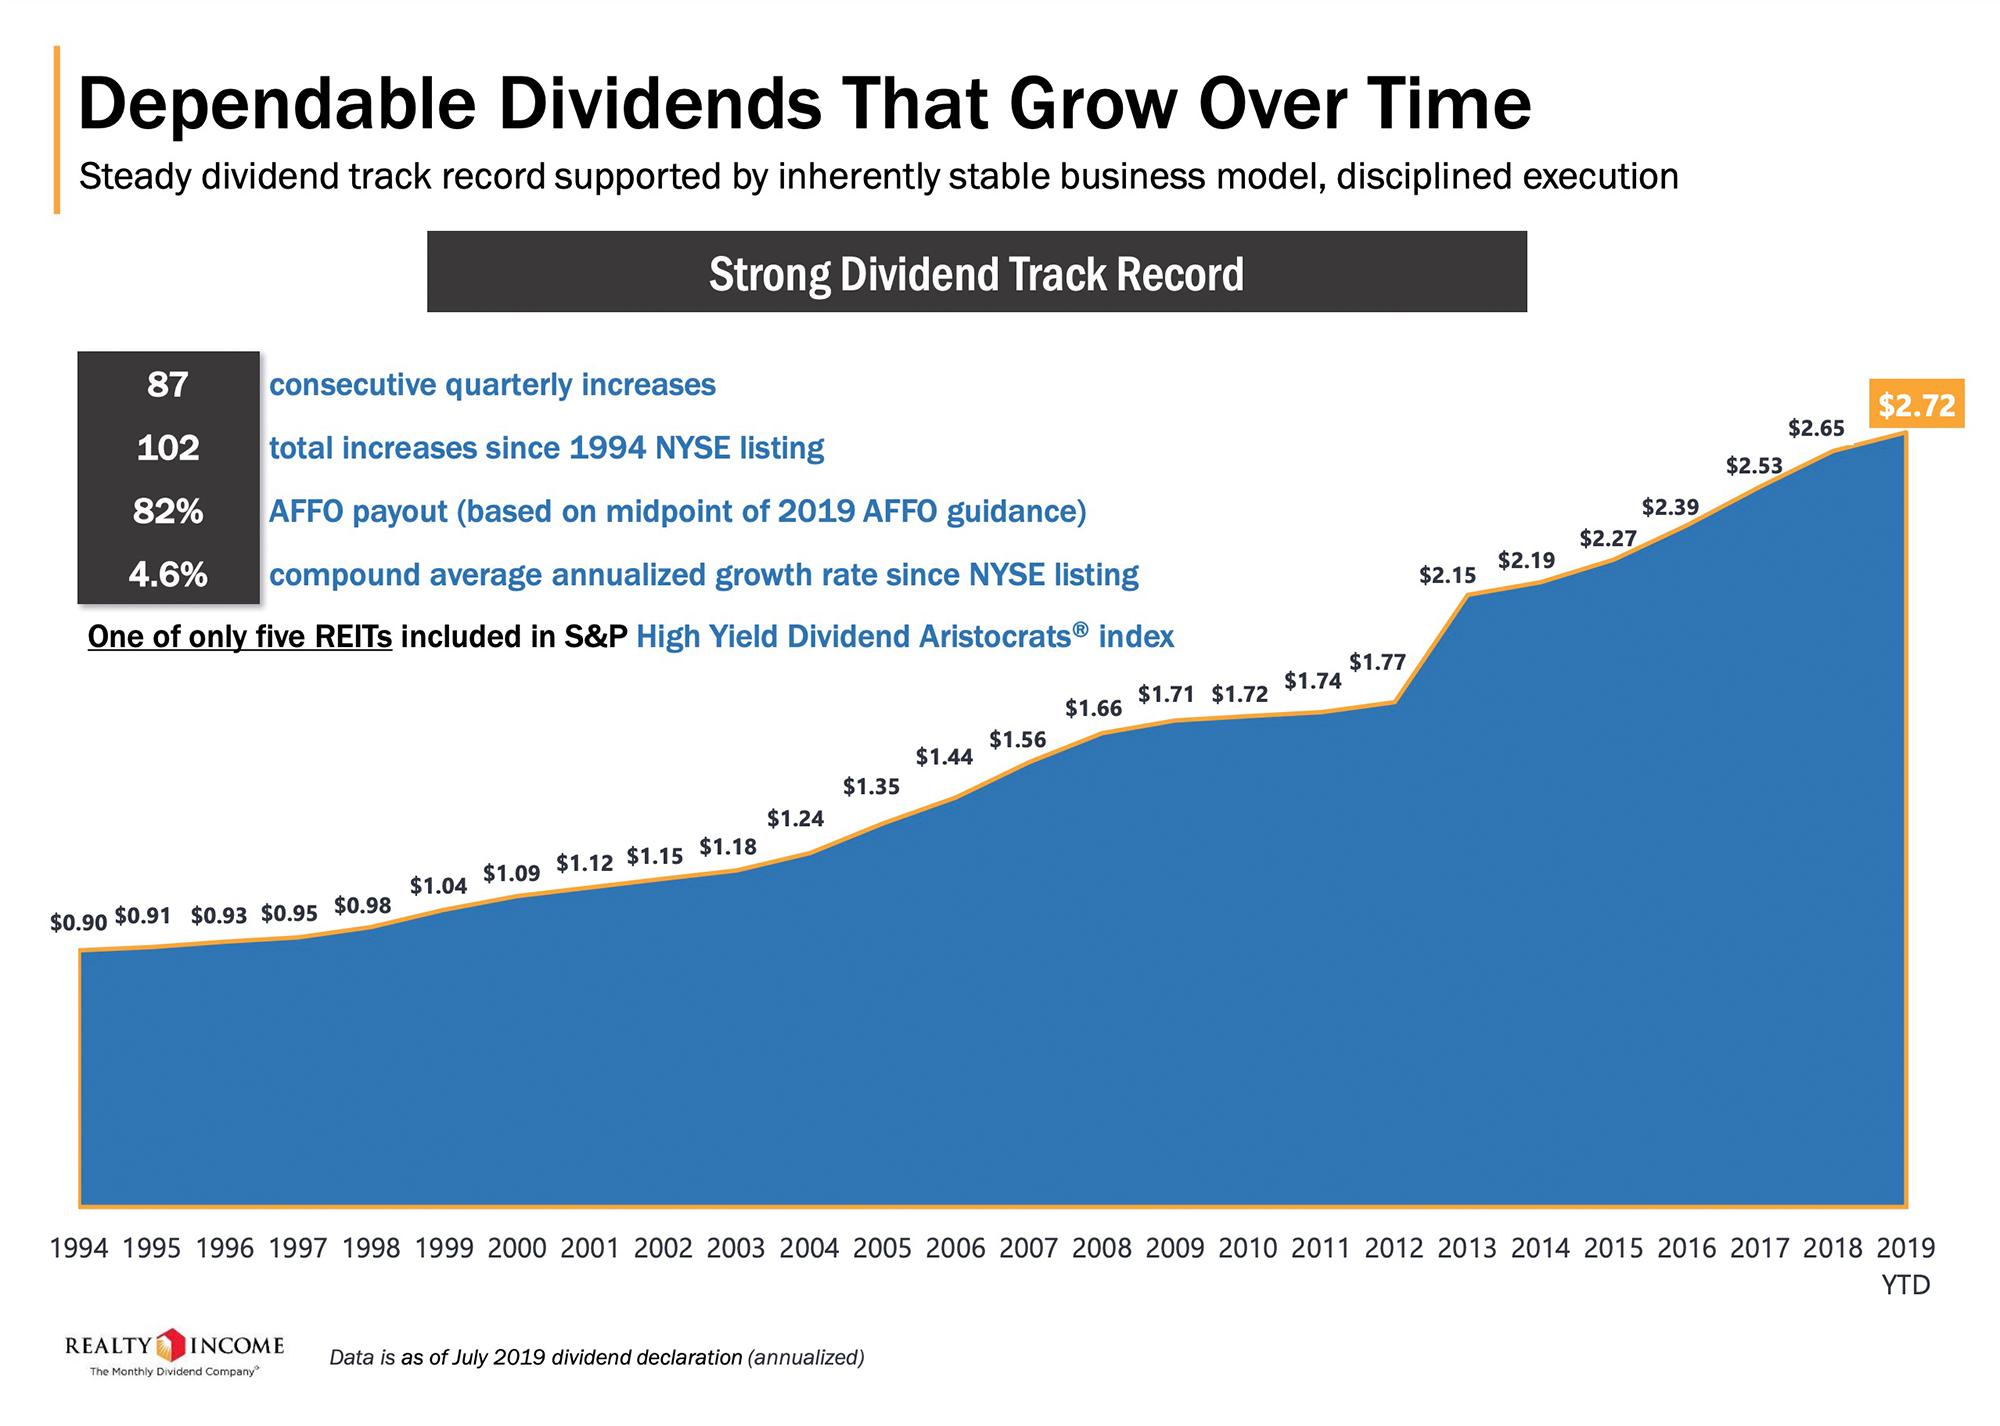 Данные из презентации компании Realty Income о постоянном увеличении дивидендов. С 1994, когда компания вышла на Нью-Йоркскую биржу, по 2018{amp}amp;nbsp;год дивиденды были повышены 98 раз. Обычно — 84 раза — между повышениями проходило не больше квартала